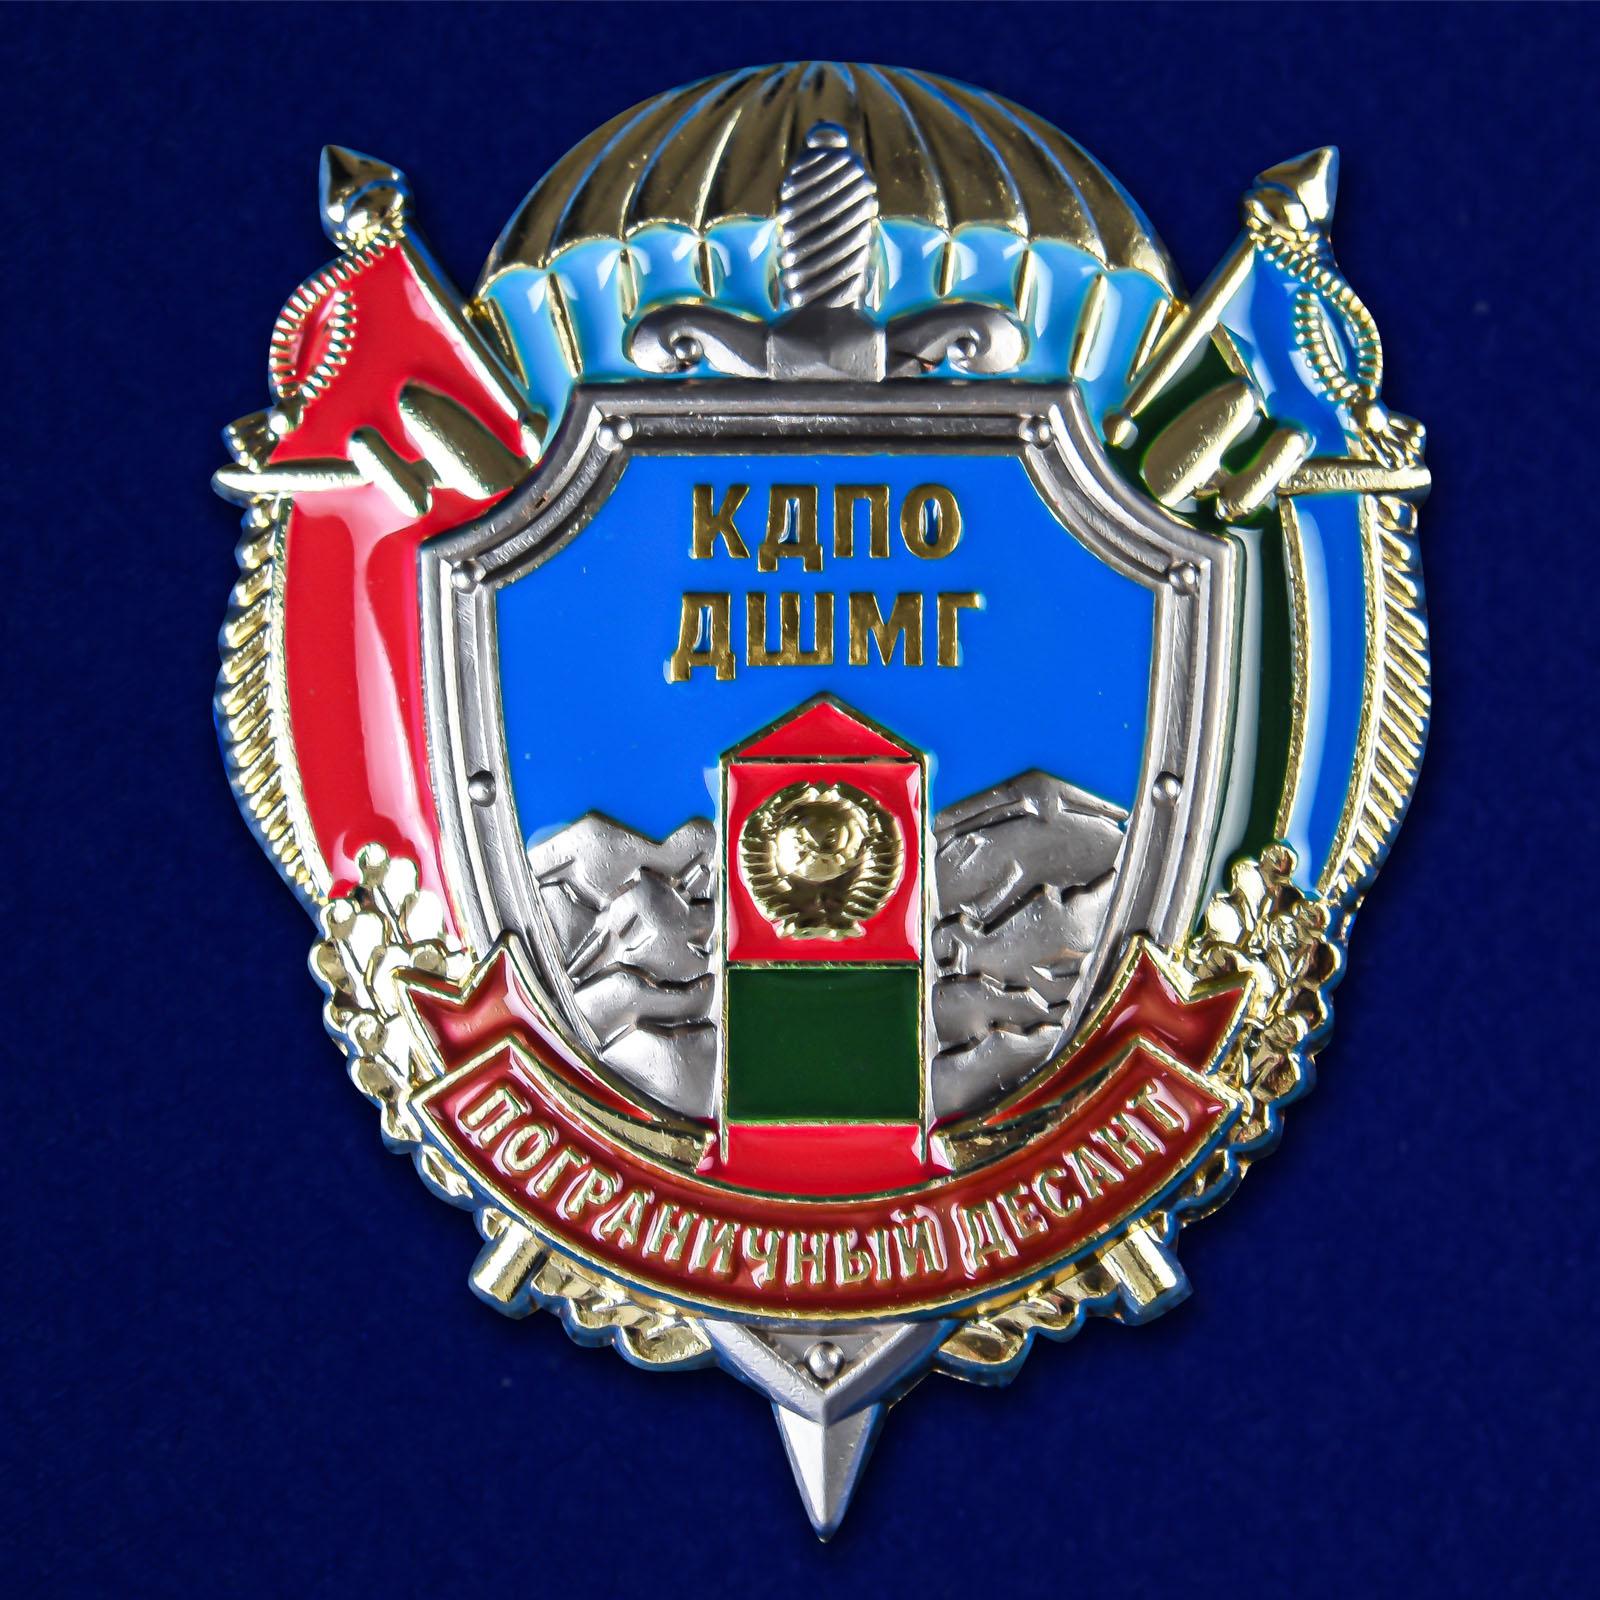 """Знак КДПО ДШМГ """"Пограничный десант"""""""